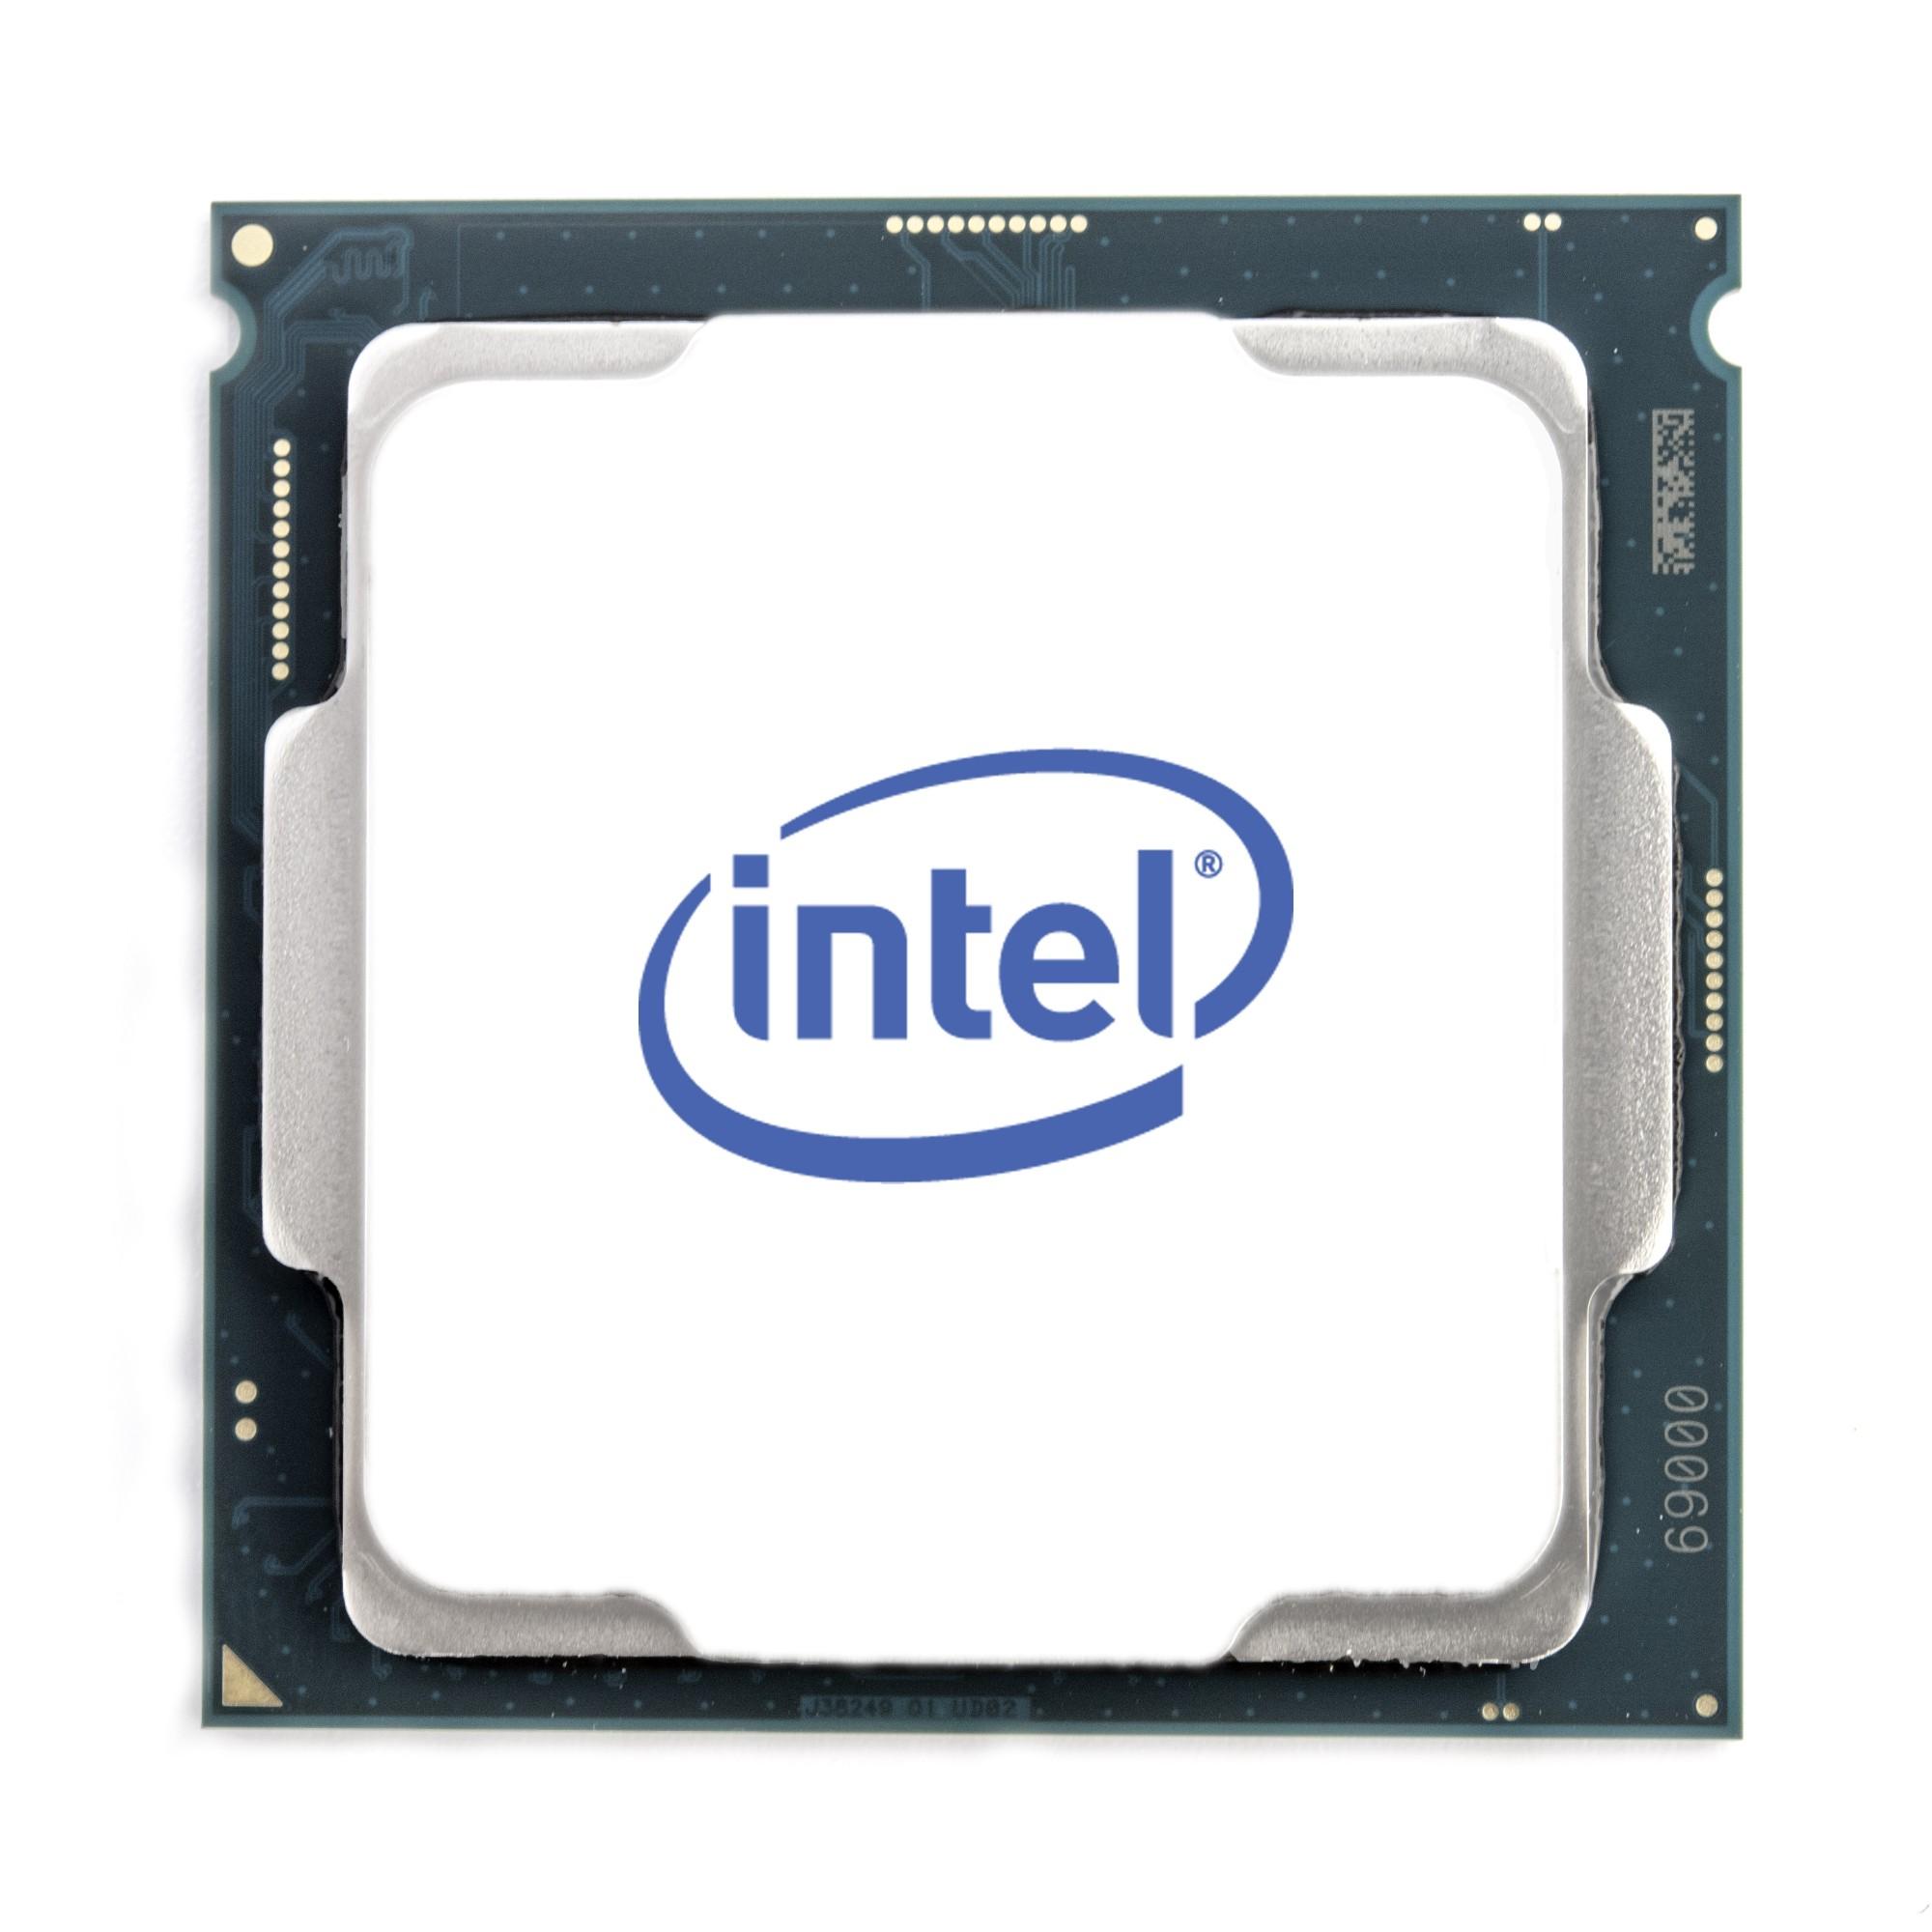 Intel Core i9-10900 processor 2.8 GHz Box 20 MB Smart Cache